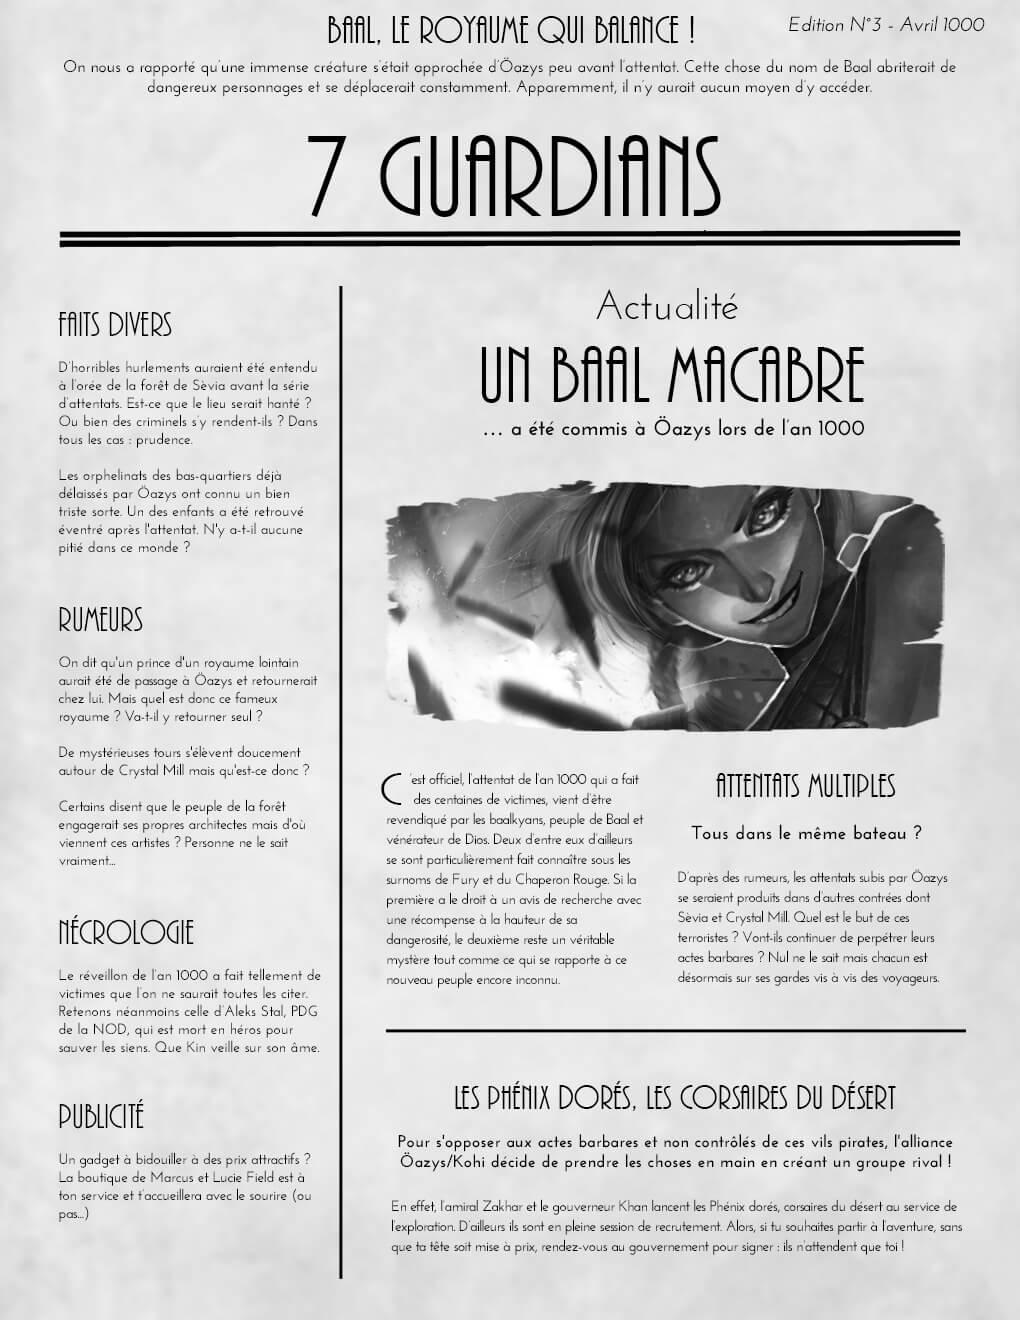 Journal : 7 guardians Journal-edition3